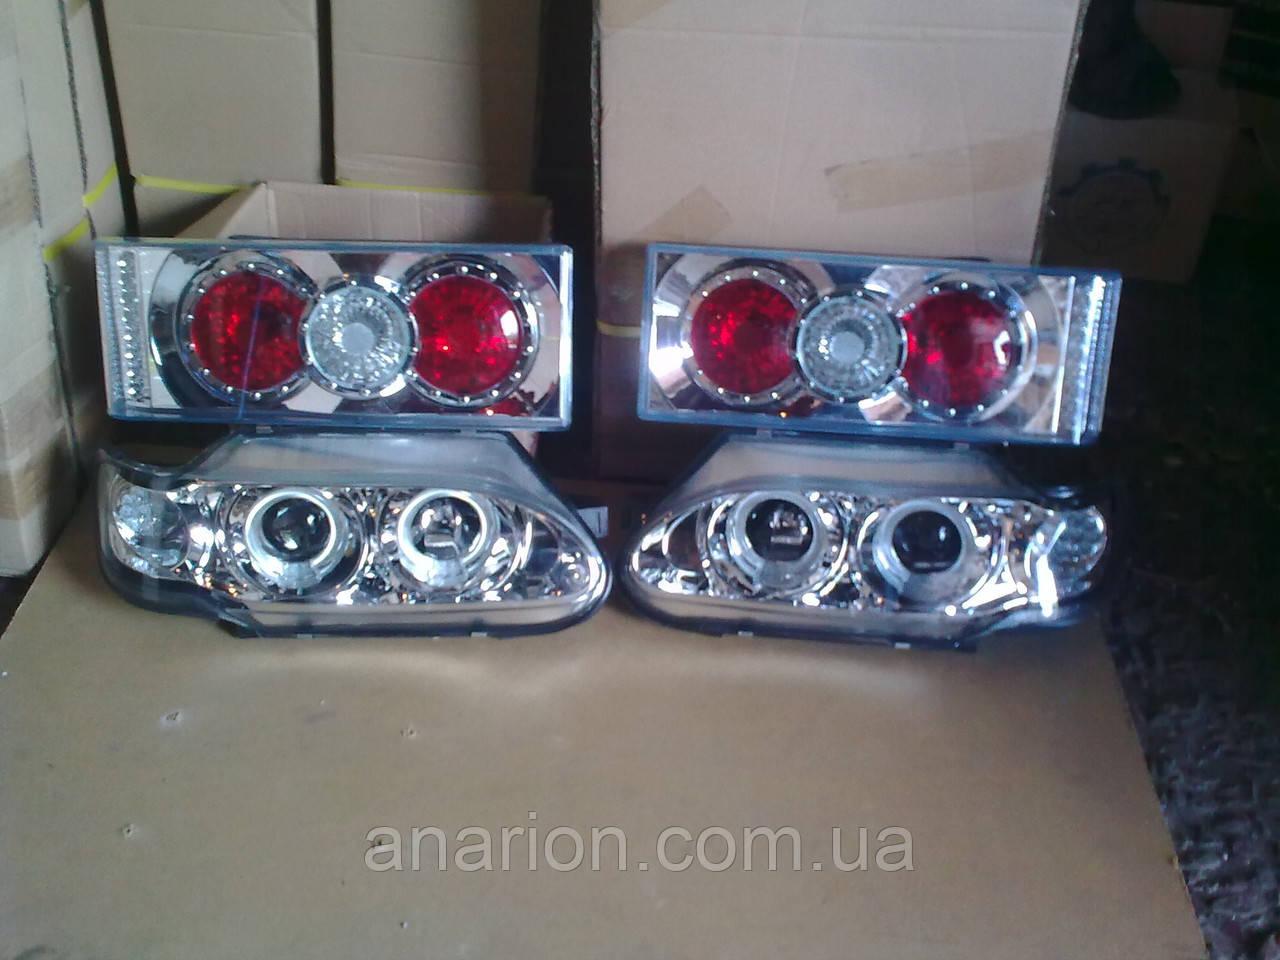 Передние фары Ангельские глазки + задние фонари на ВАЗ 2114 №3